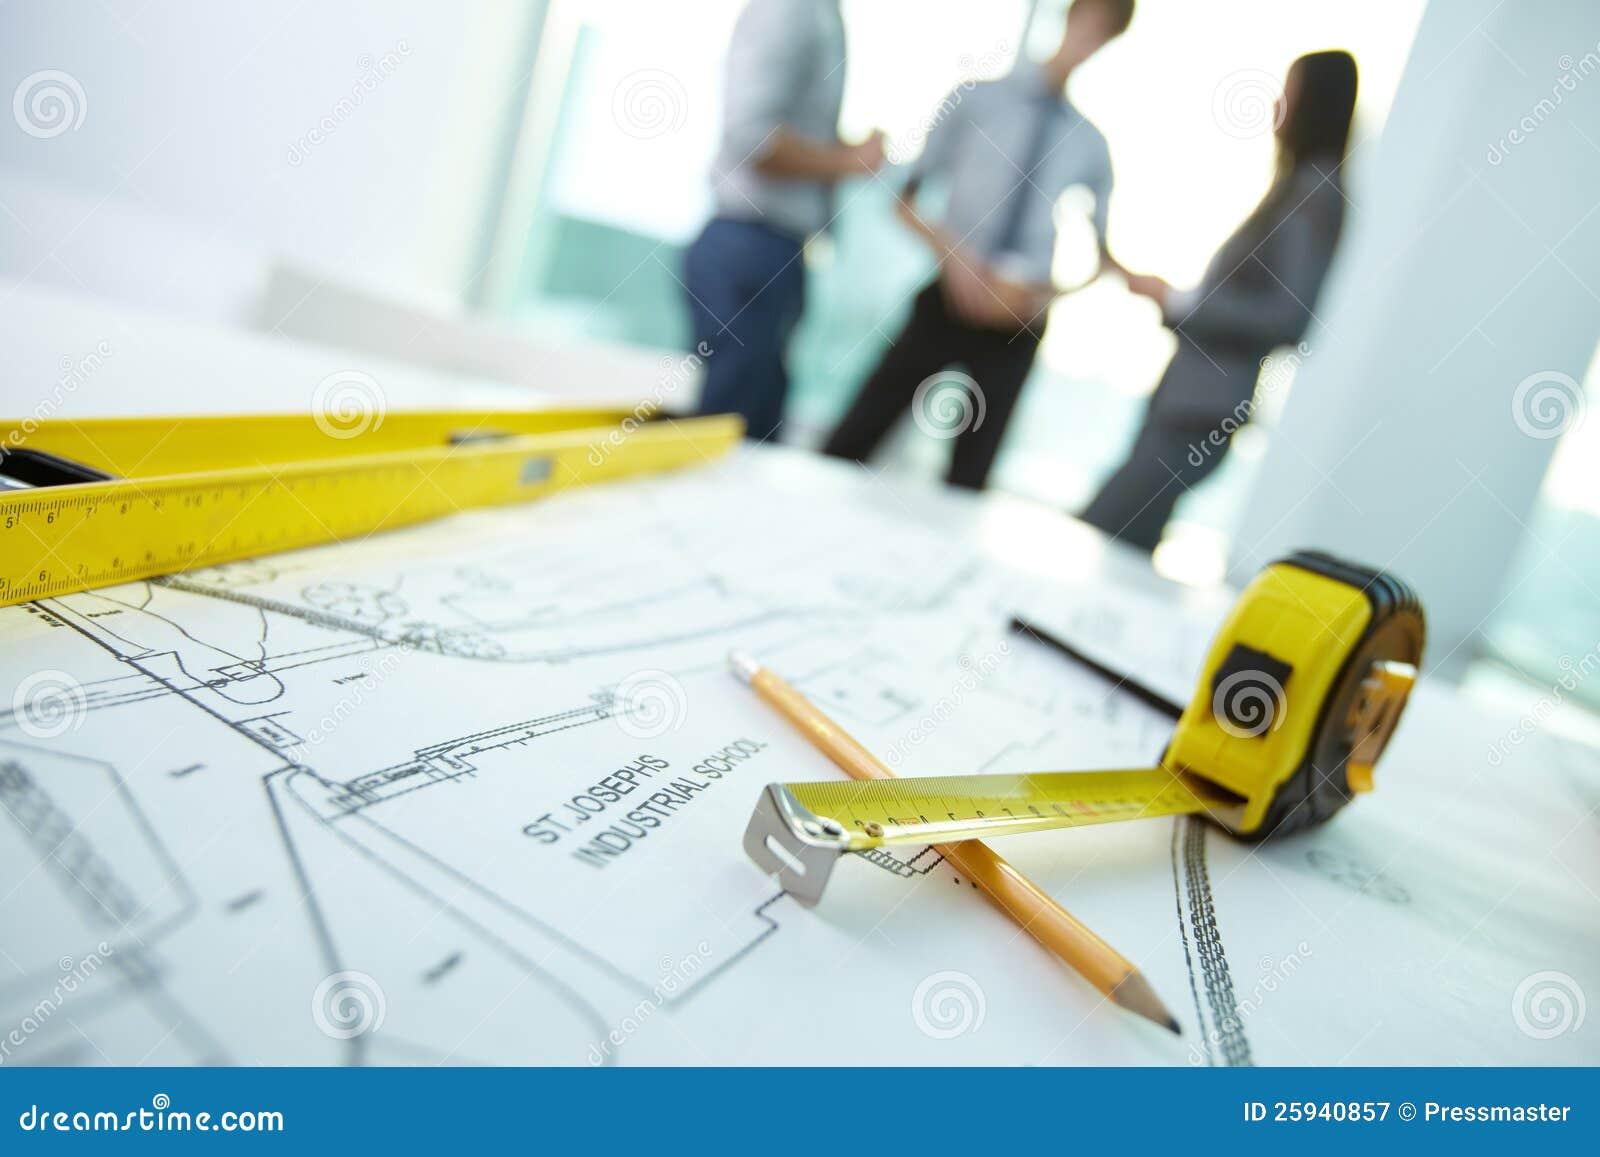 Lugar de trabajo del arquitecto for Trabajo de arquitecto